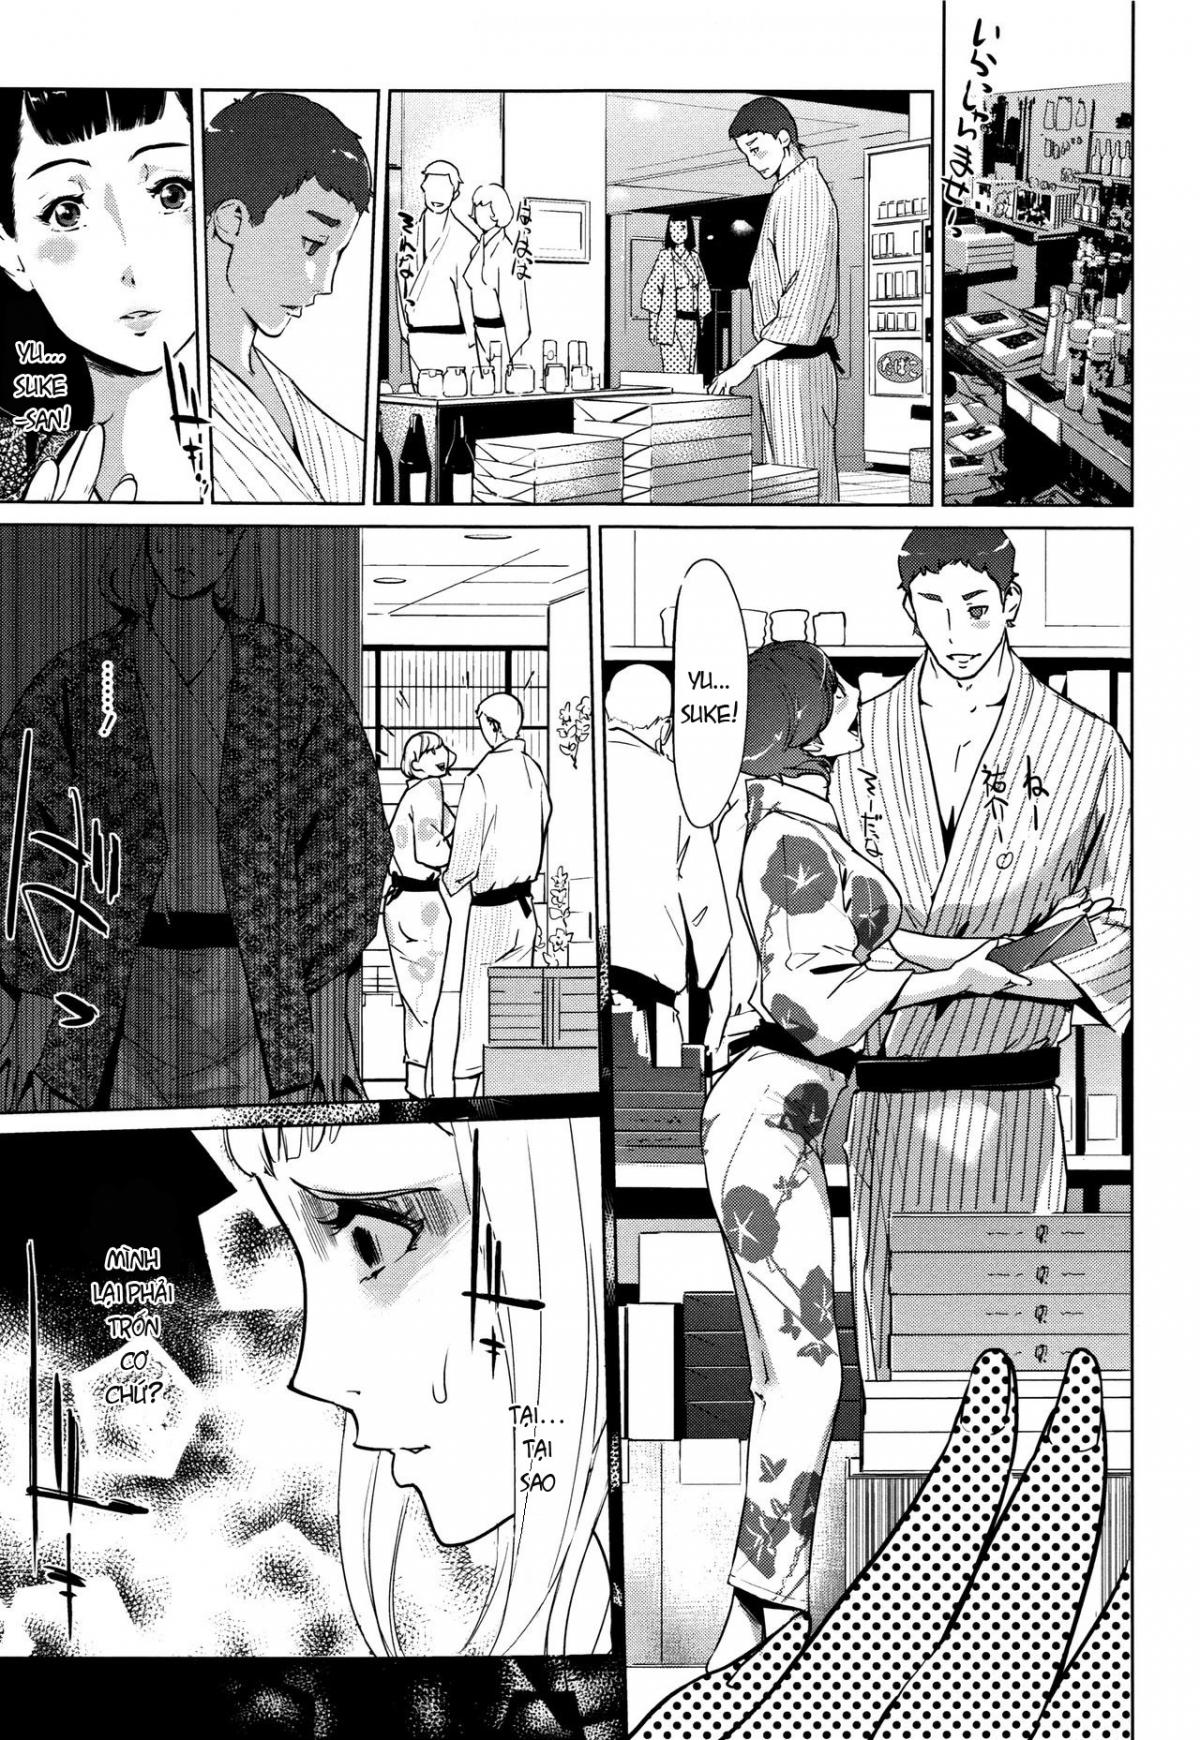 HentaiVN.net - Ảnh 24 - Shinjuiro no Zanzou - Pearl Grey Afterimage; Shinjuiro No Zanzou ~Kazoku Ga Neshizumatta Ato De~ - Chap 3